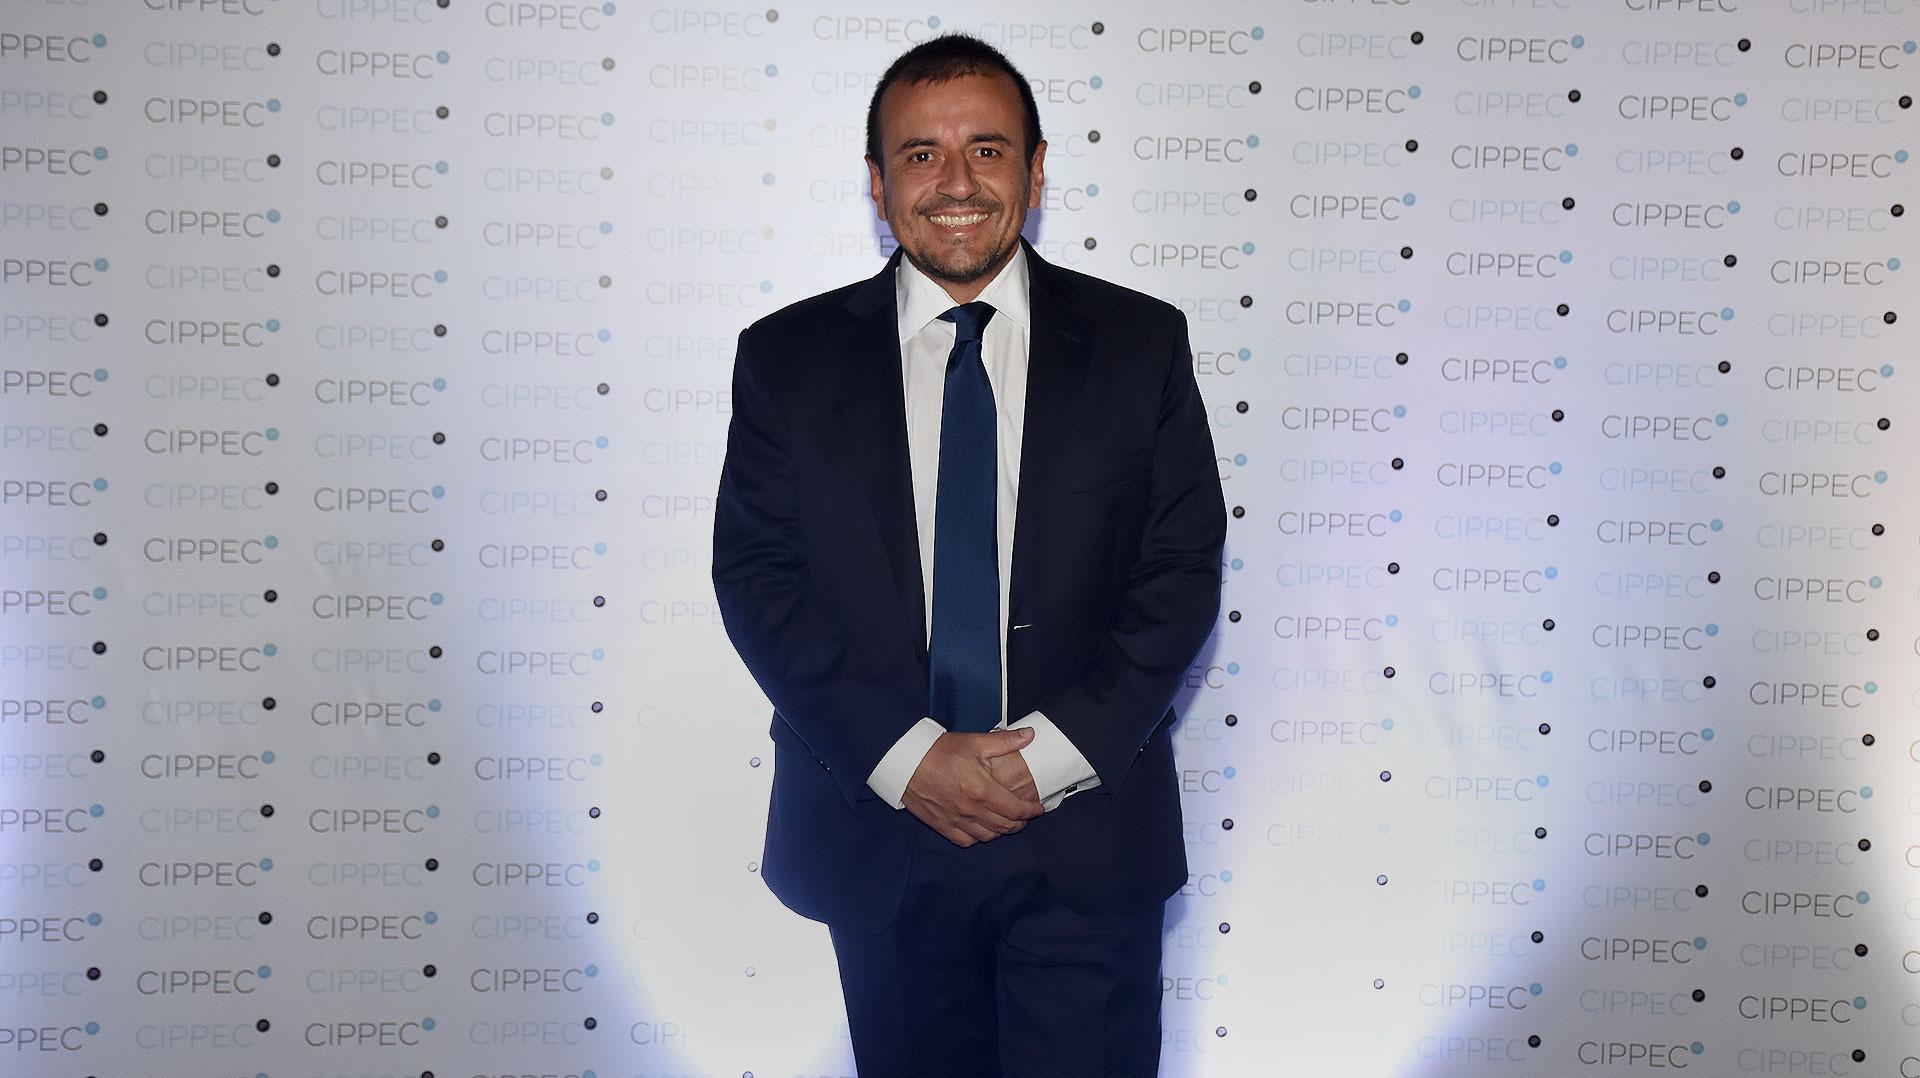 El secretario de Coordinación Interministerial, Mario Quintana